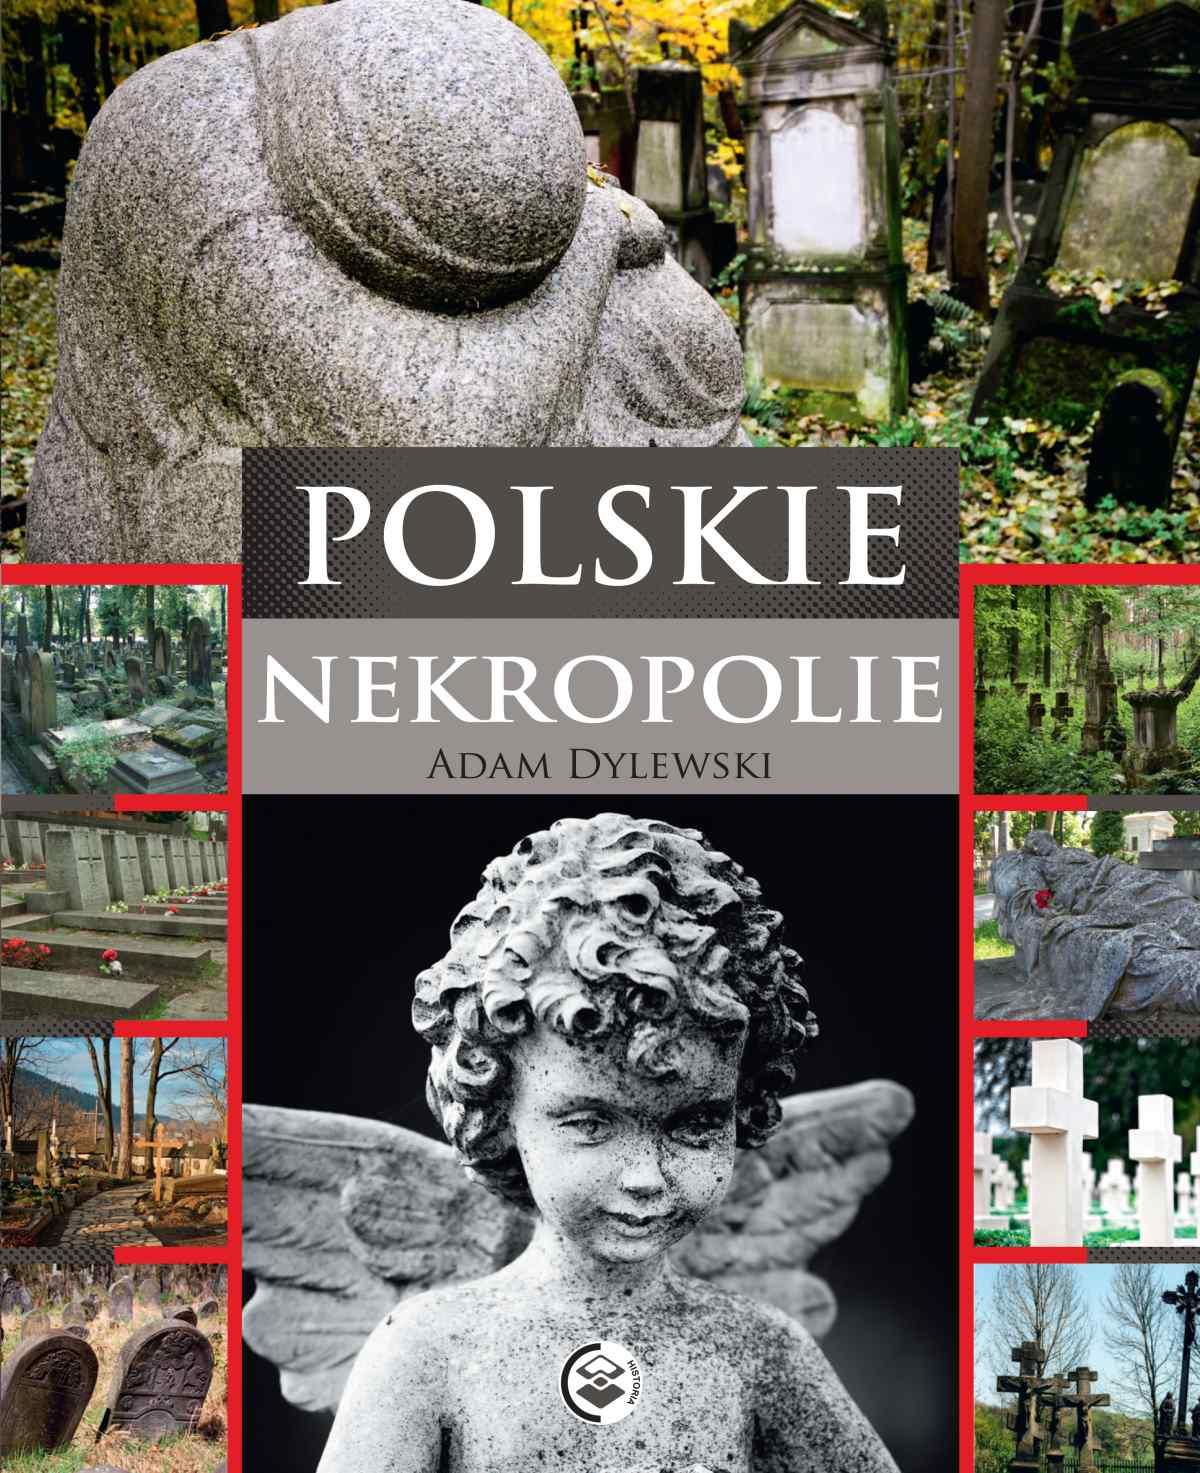 Polskie nekropolie - Ebook (Książka PDF) do pobrania w formacie PDF